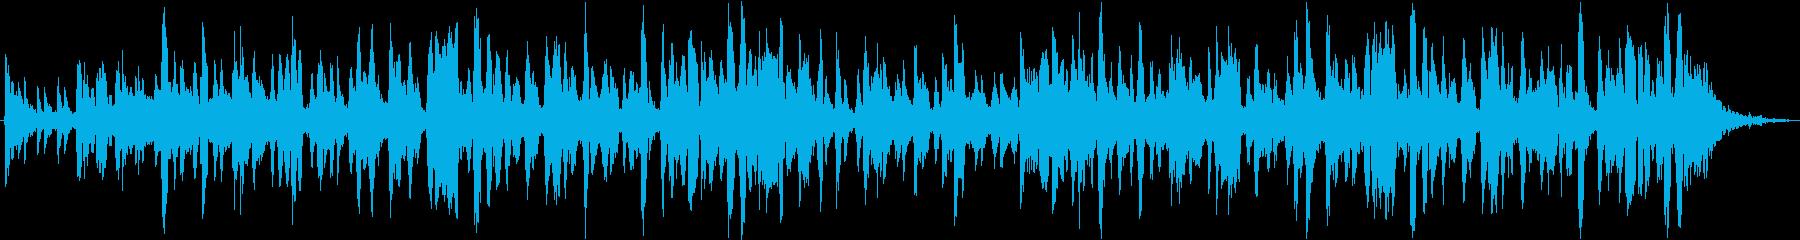 チャンプルーをテーマにした楽曲の再生済みの波形